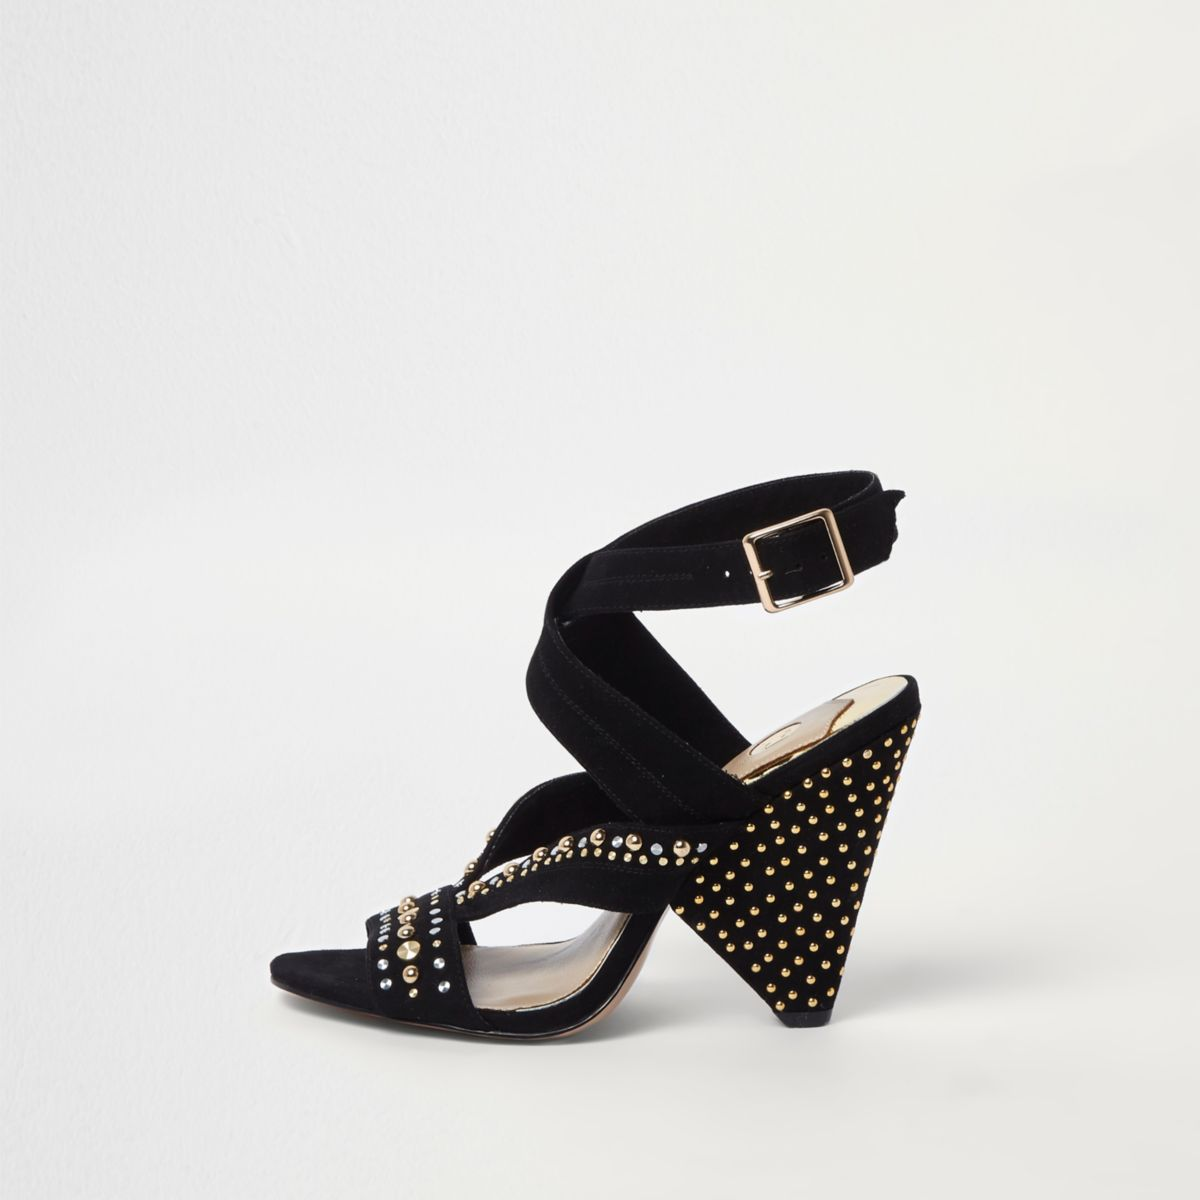 Zwarte sandalen met kegelvormige hak en studs